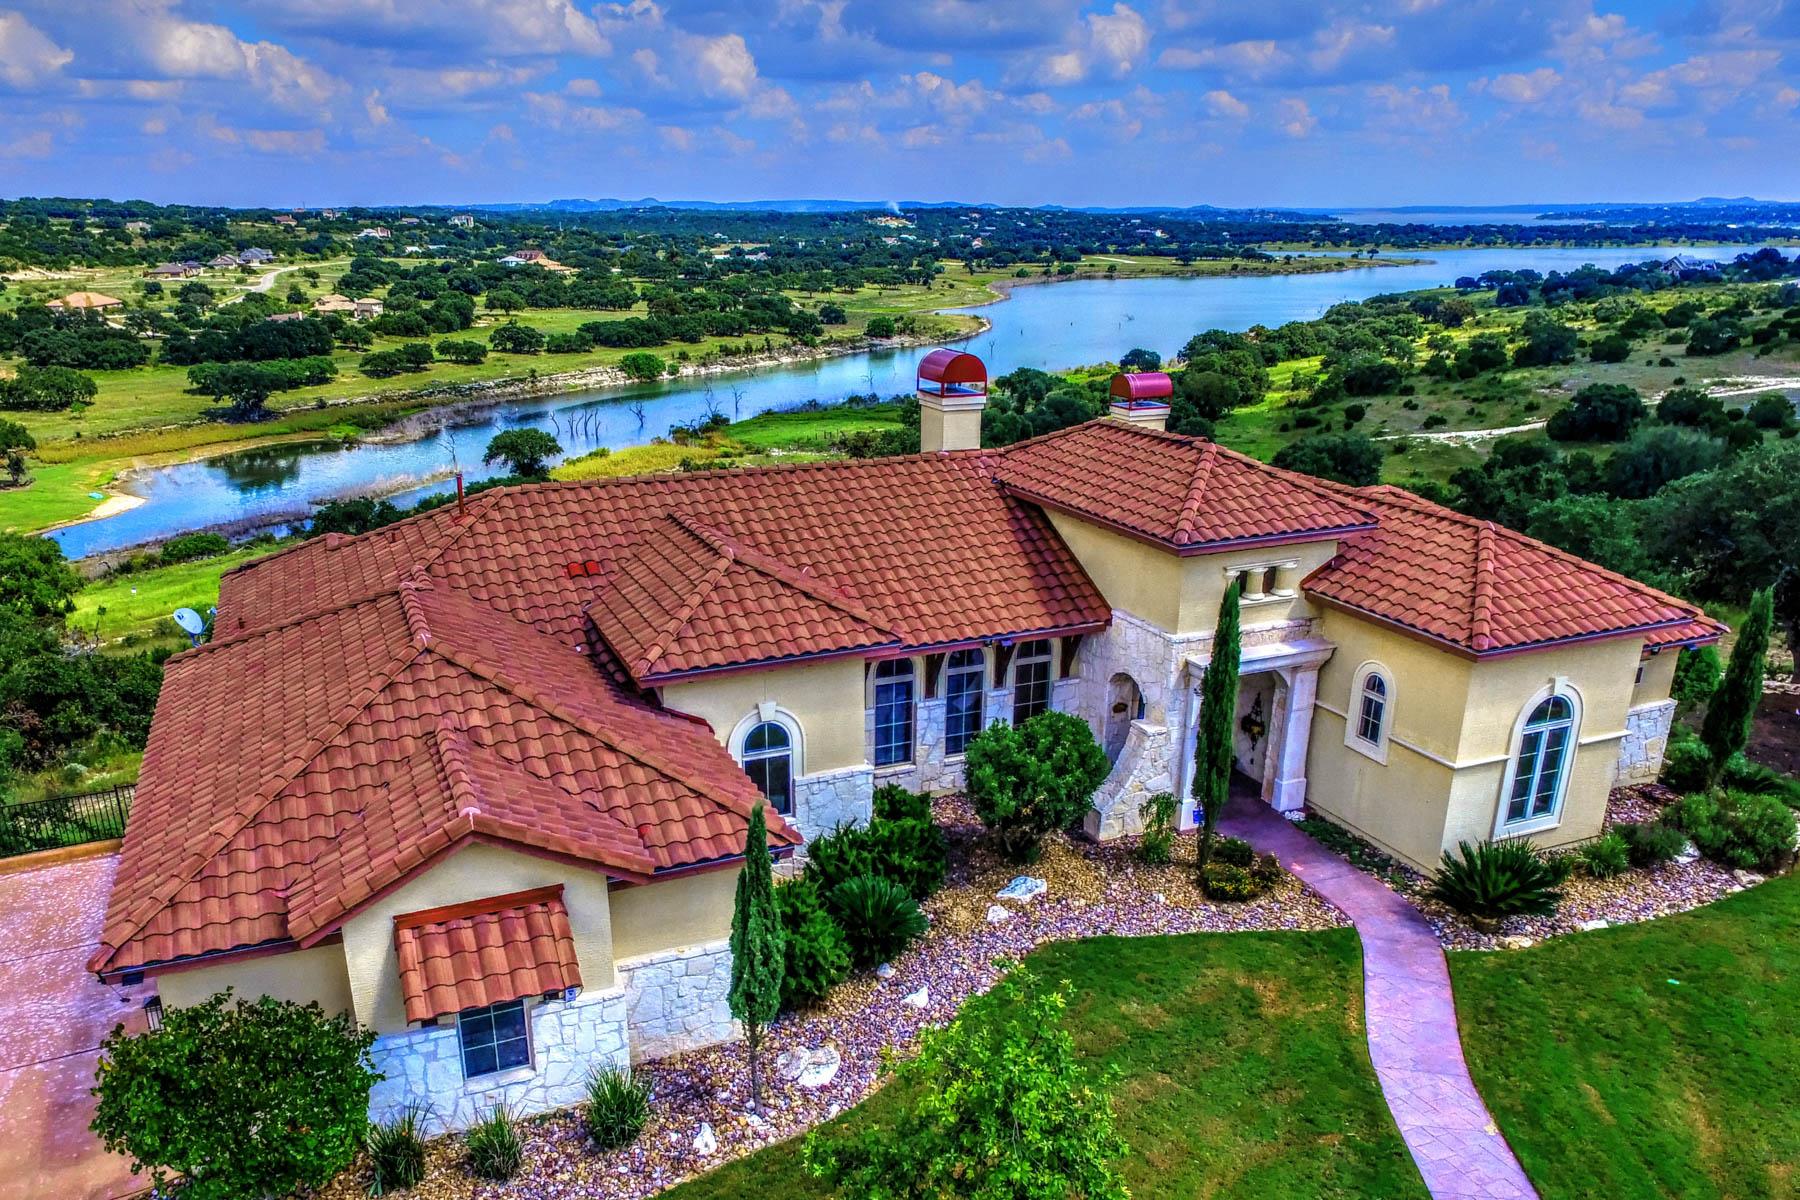 Casa Unifamiliar por un Venta en Lake Front Cutom Home in Mystic Shores 552 River Hawk Spring Branch, Texas 78070 Estados Unidos